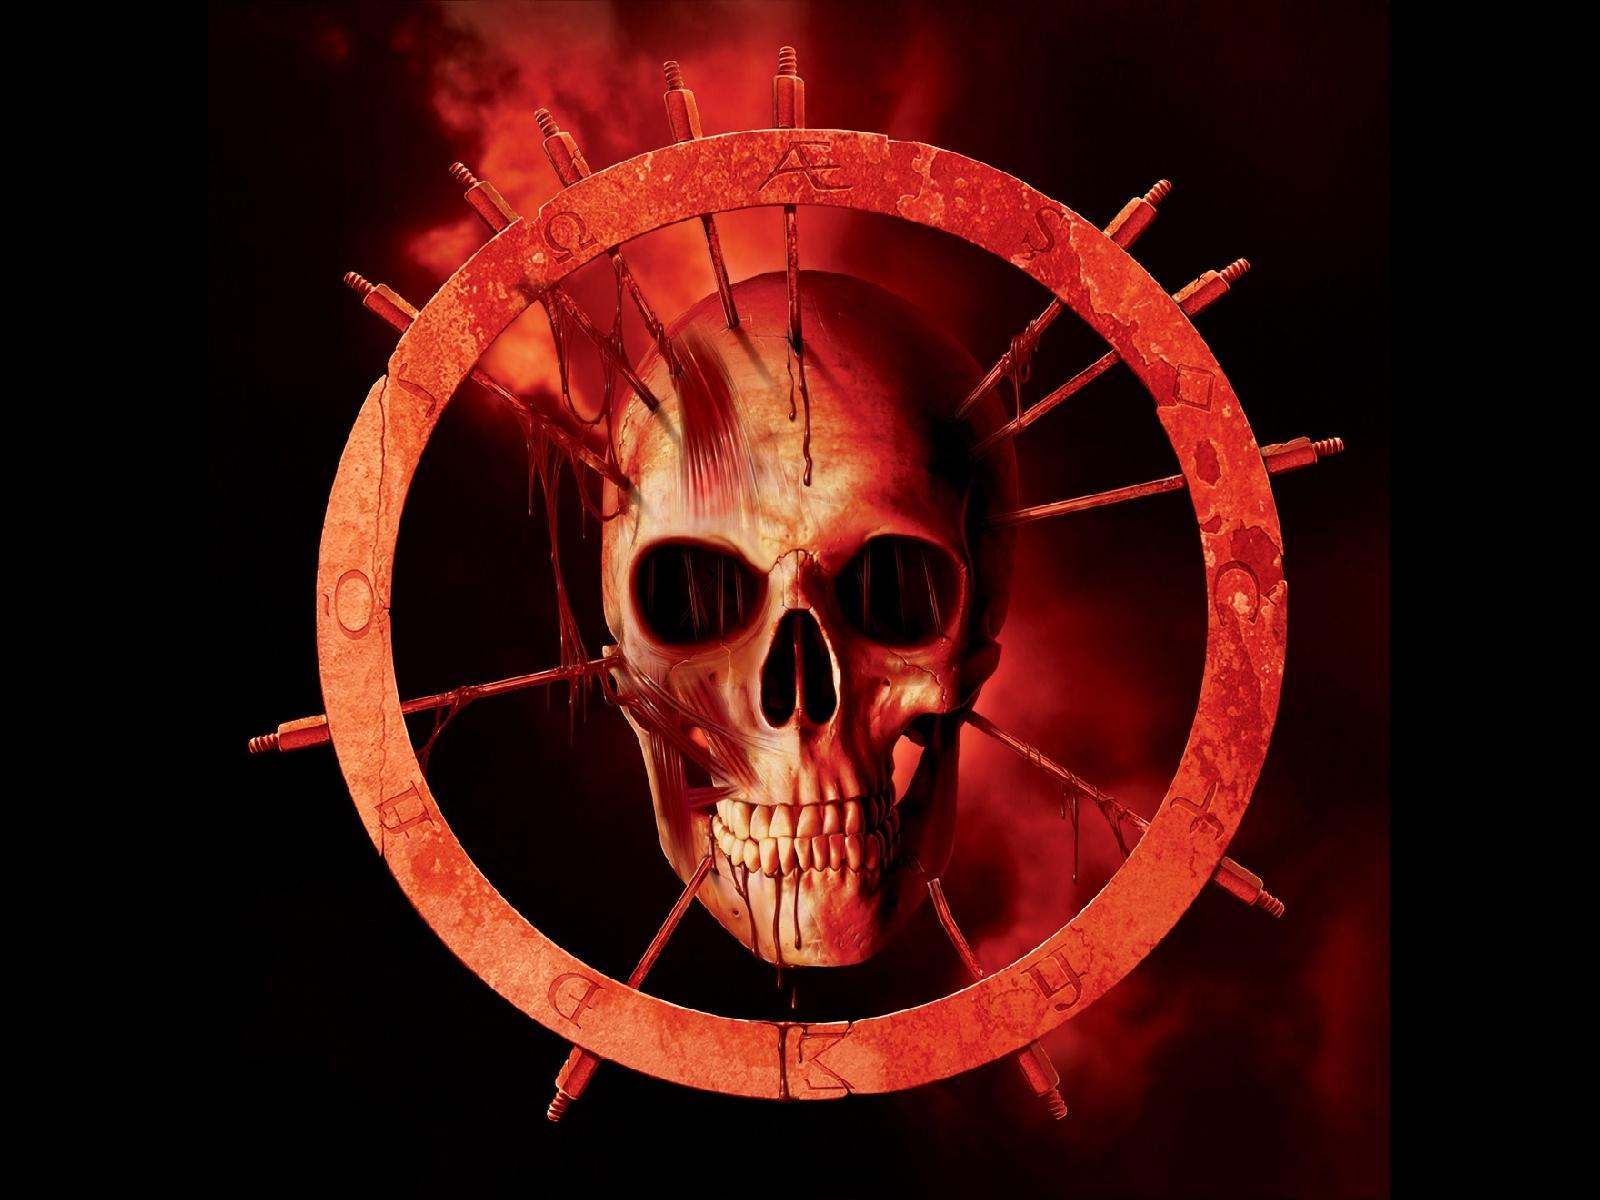 demon skull wallpaper - photo #5